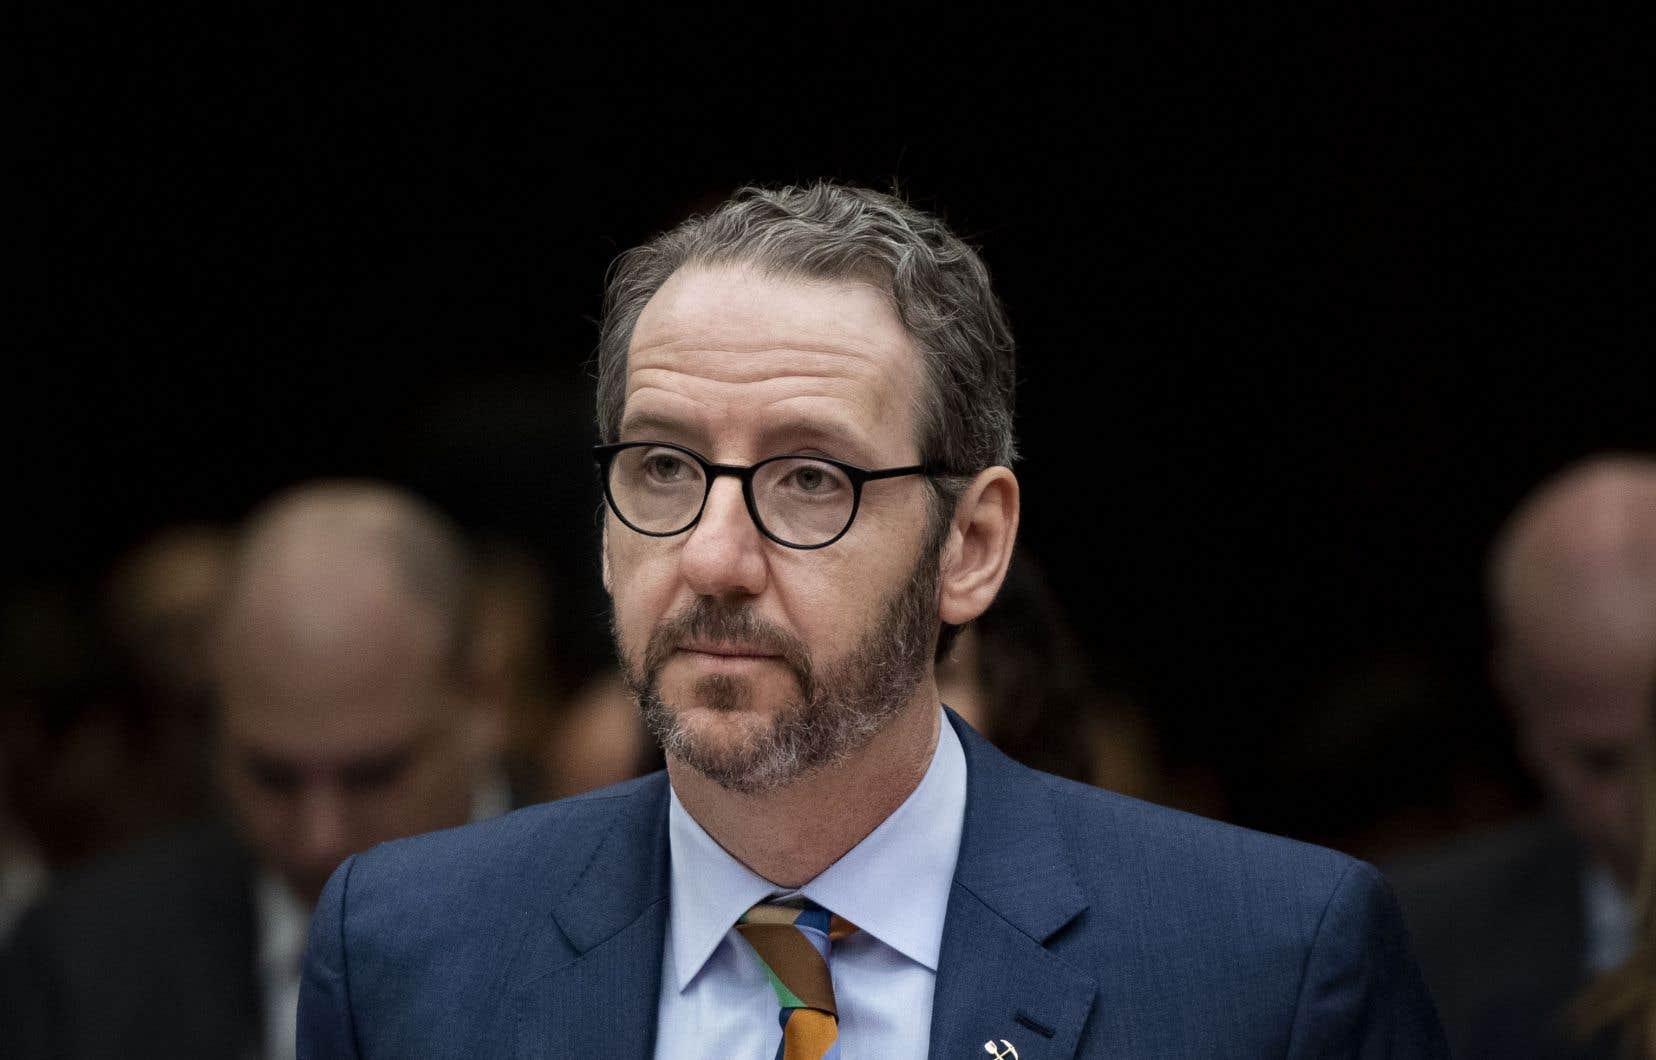 Gerald Butts, l'ancien secrétaire principal du premier ministre Justin Trudeau, a démissionné en février dernier dans la foulée de la controverse entourant SNC-Lavalin.